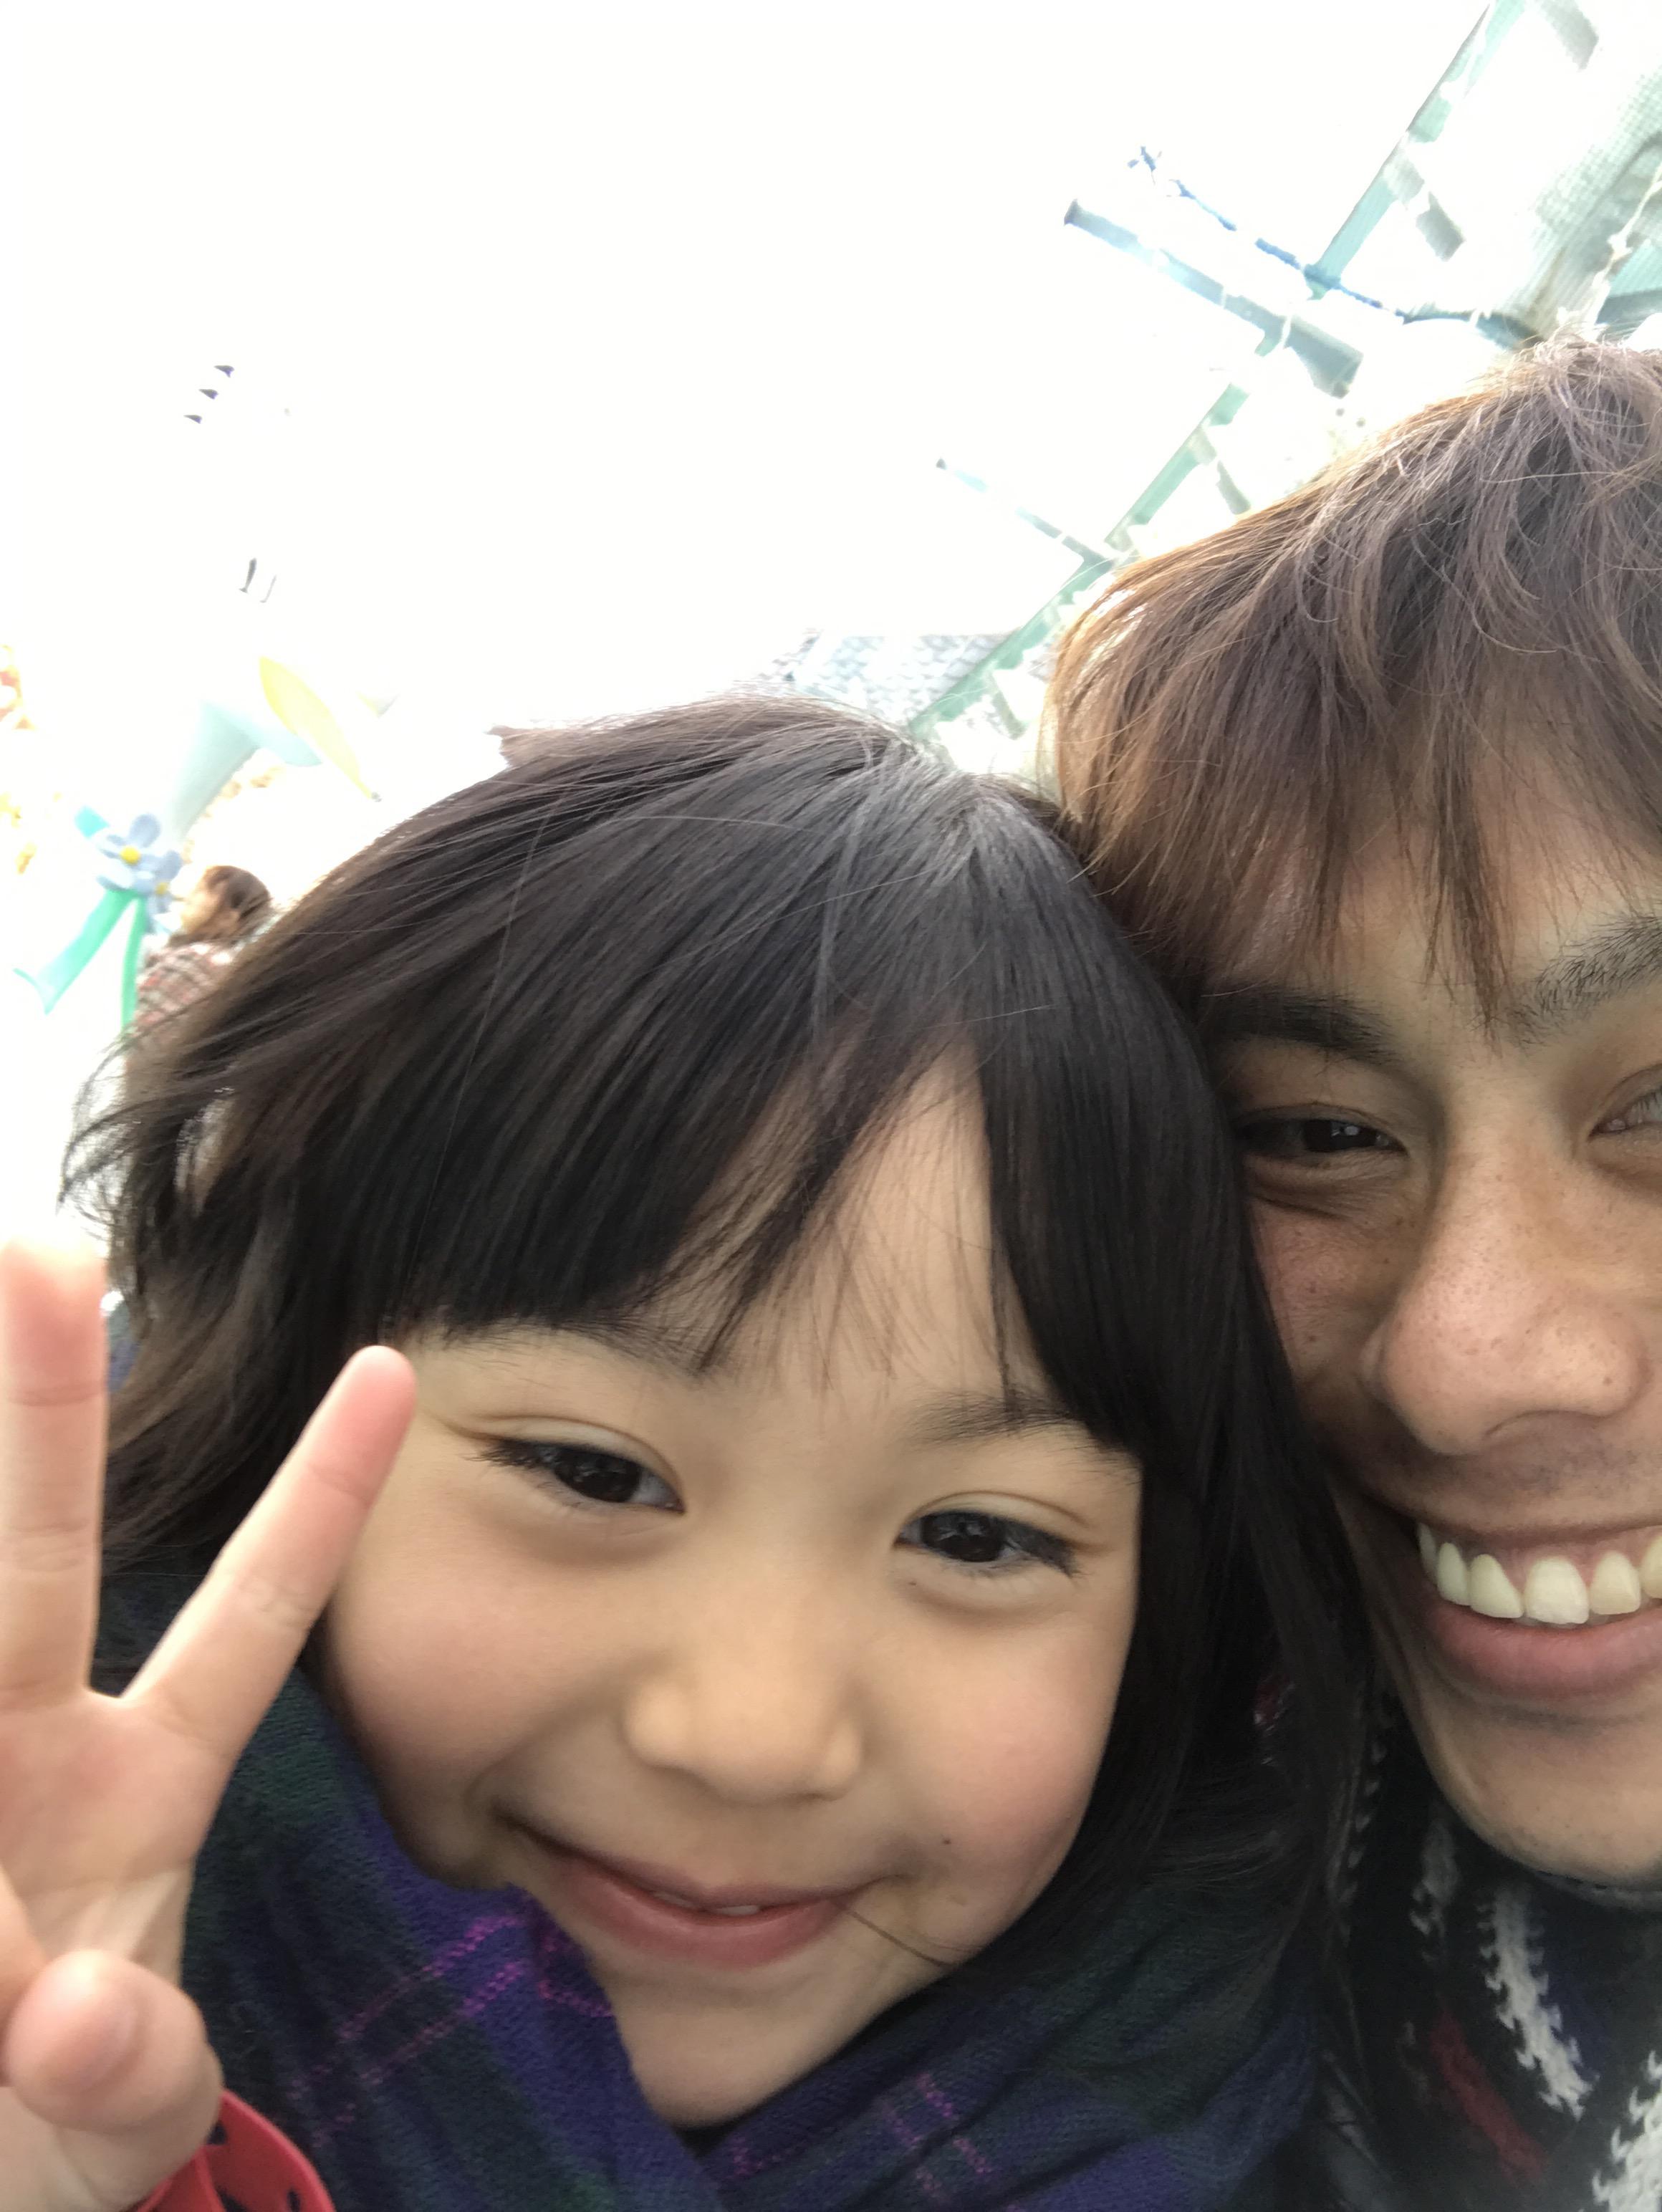 子連れの穴場スポット見つけたかも!浅草、スカイツリー、ソラマチは混んでても日本最古の遊園地【花やしき】は回り放題でした^ ^